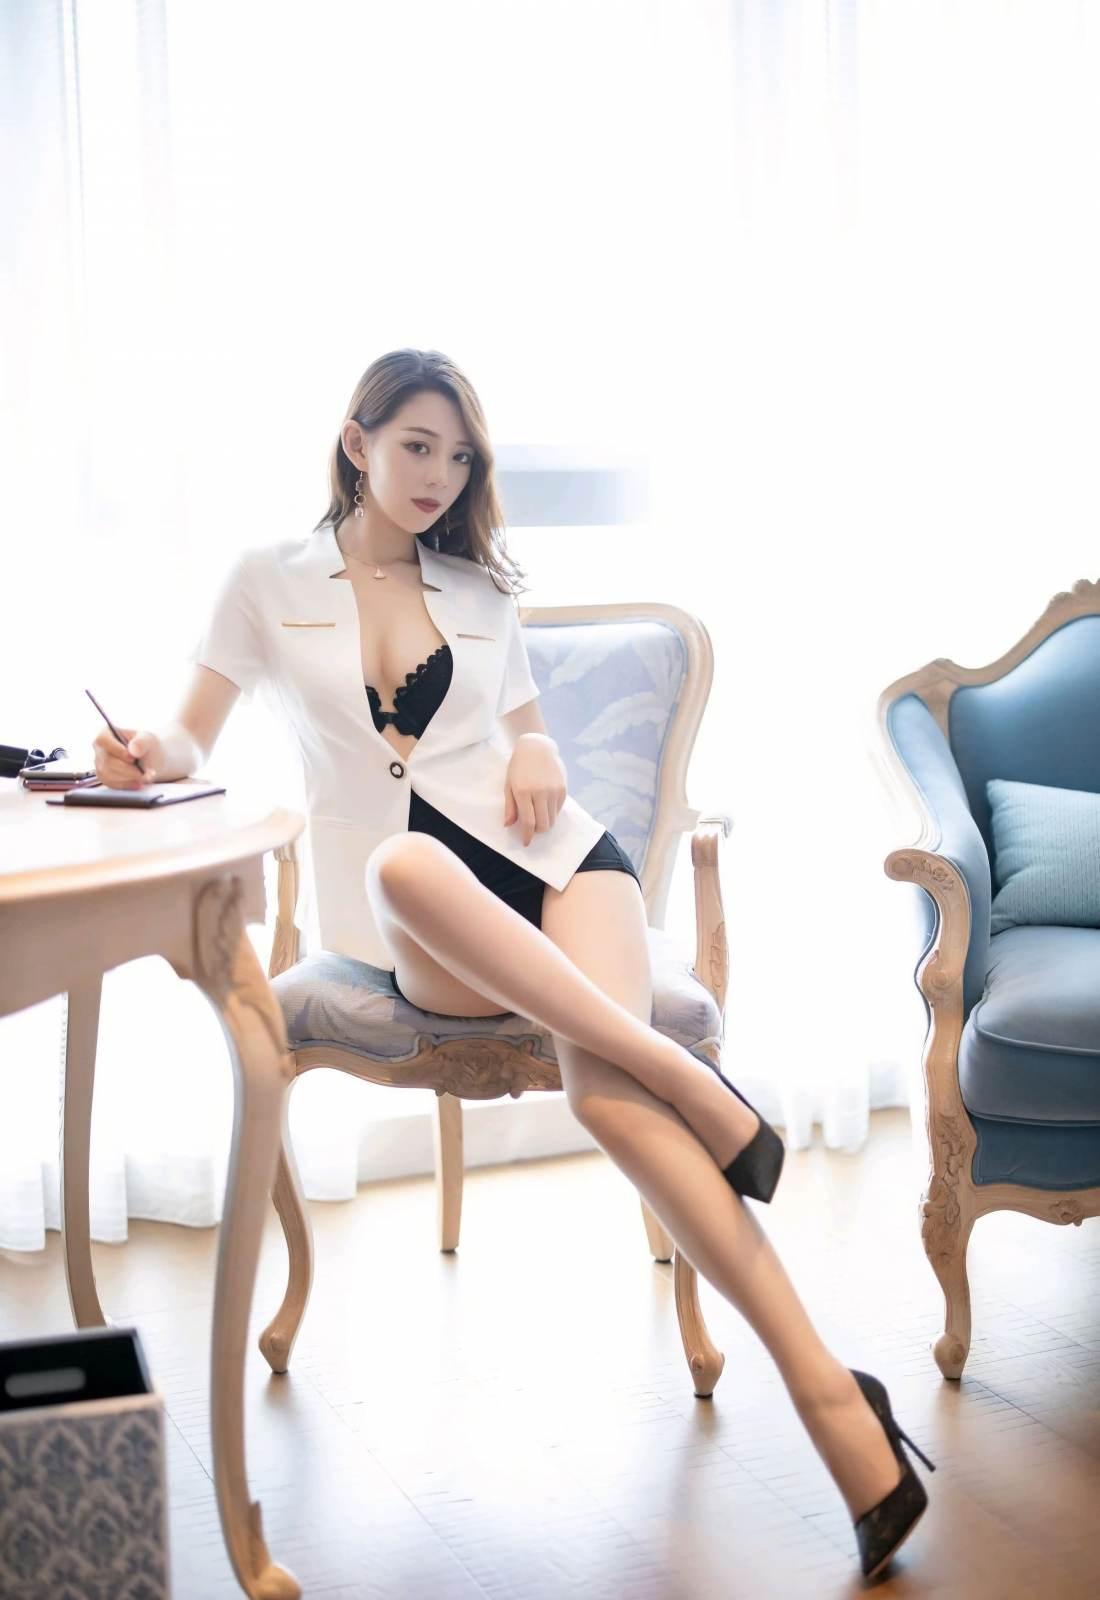 第181期言沫(西装,短裙,丝袜,高跟)_图片5